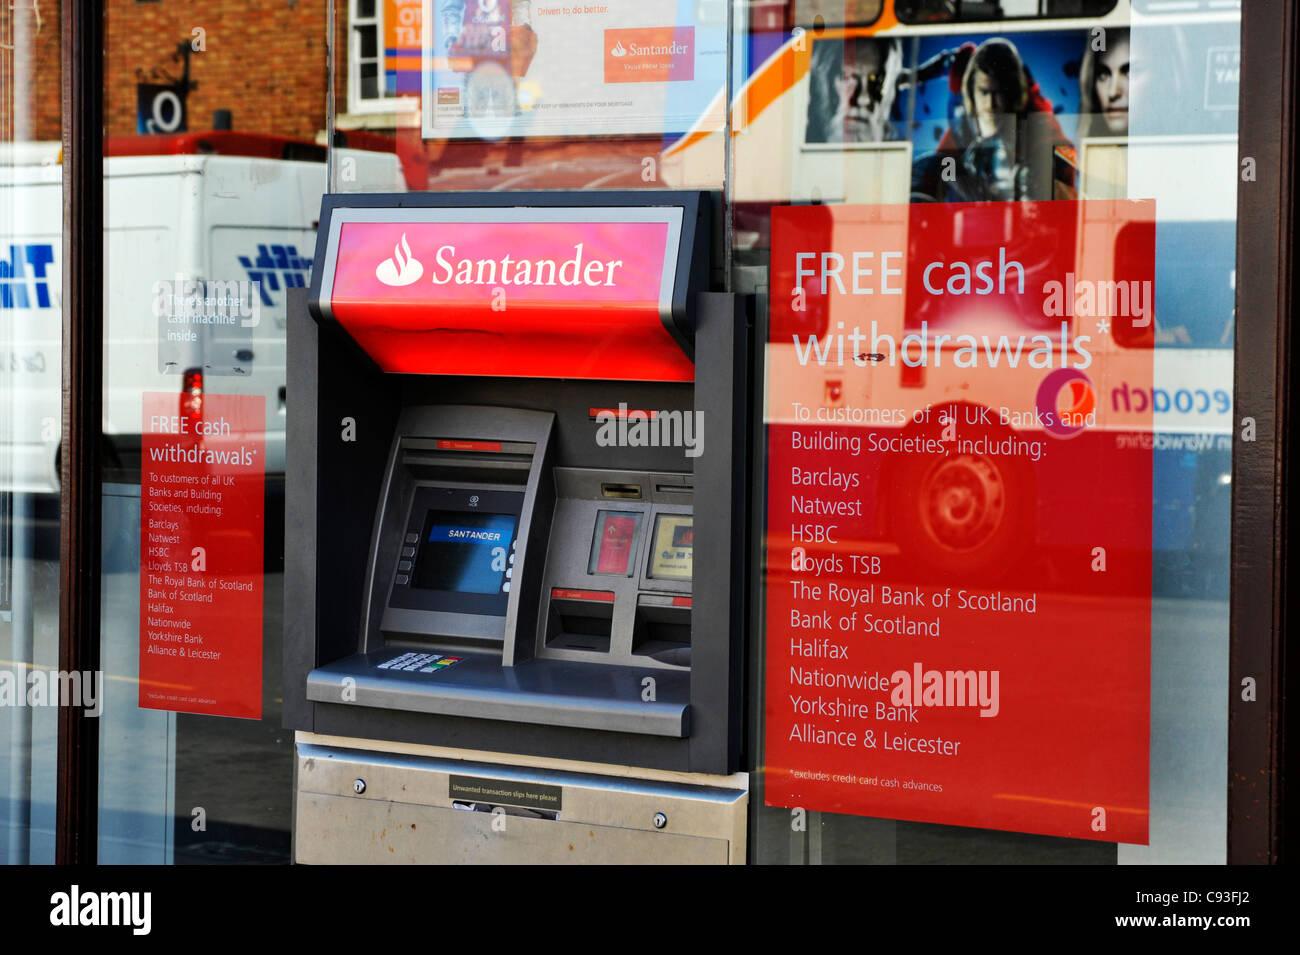 Payday loans sacramento 95823 image 1